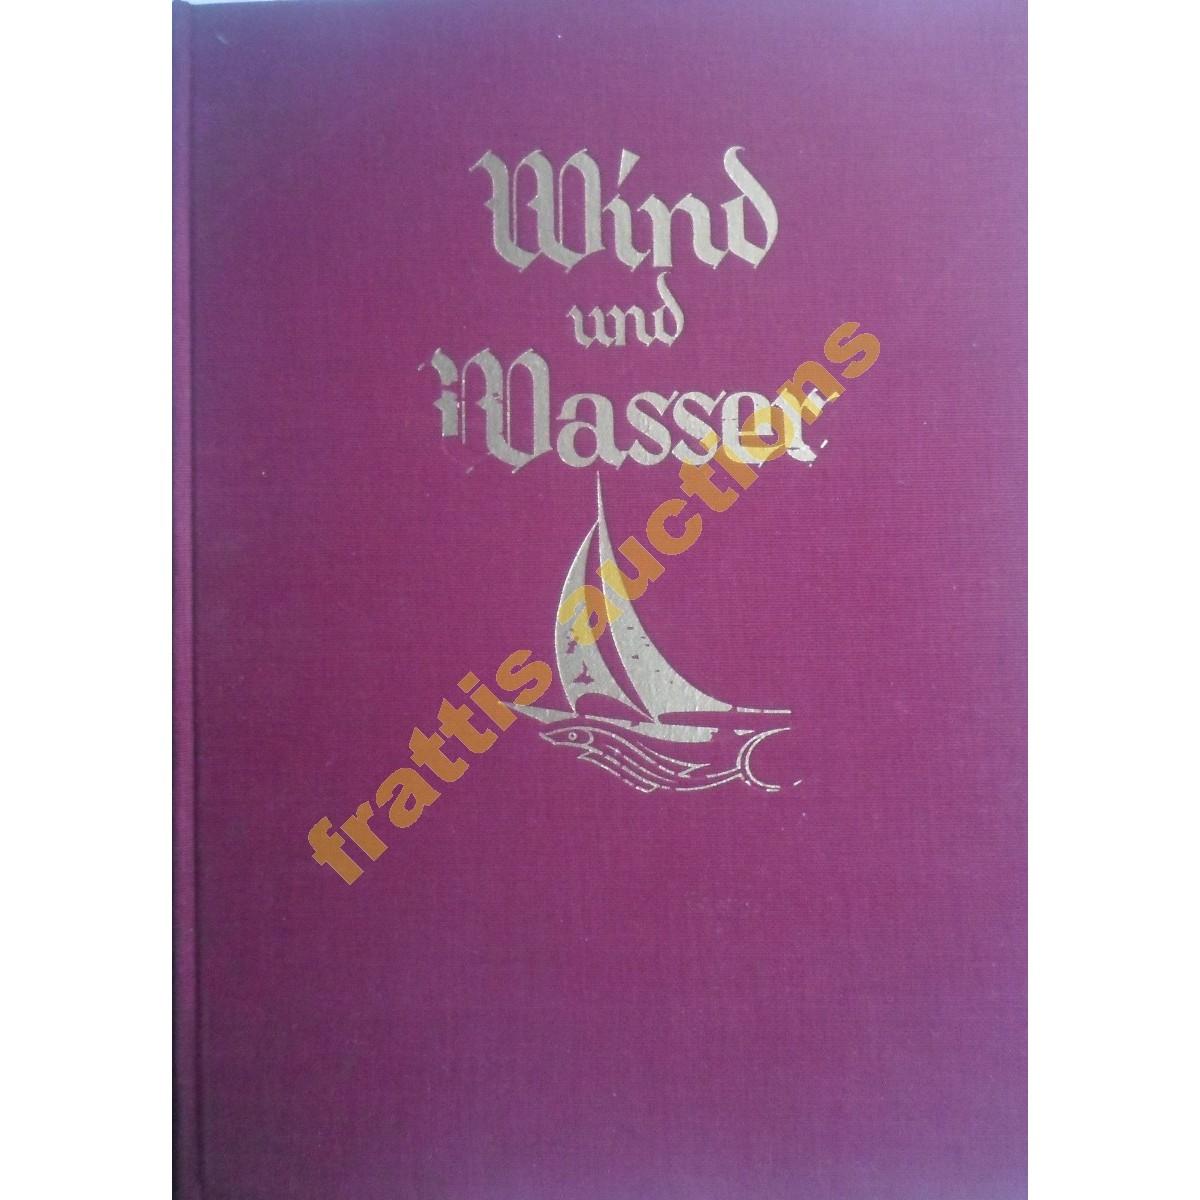 WIND UND WASSER,Manfred Curry, Μόναχο 1930, 1η έκδοση.